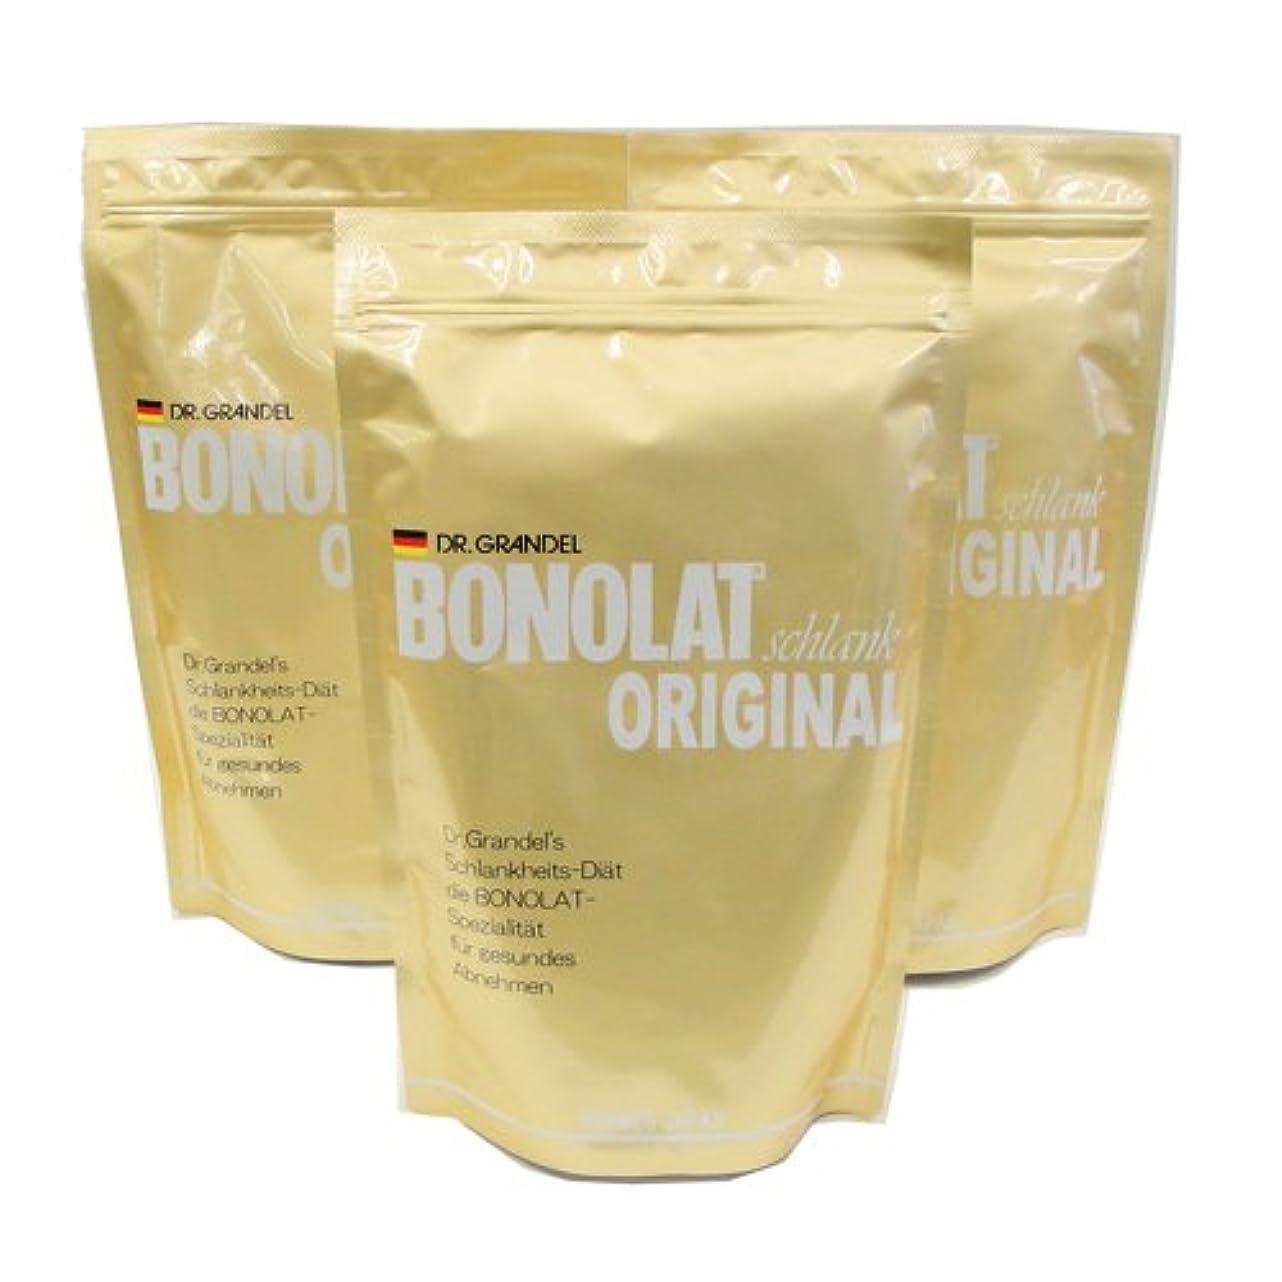 ニュージーランドコーデリア円形ボノラート 600g×3袋セット(30g×60杯)無添加 乳プロテイン 置き換え シェイク